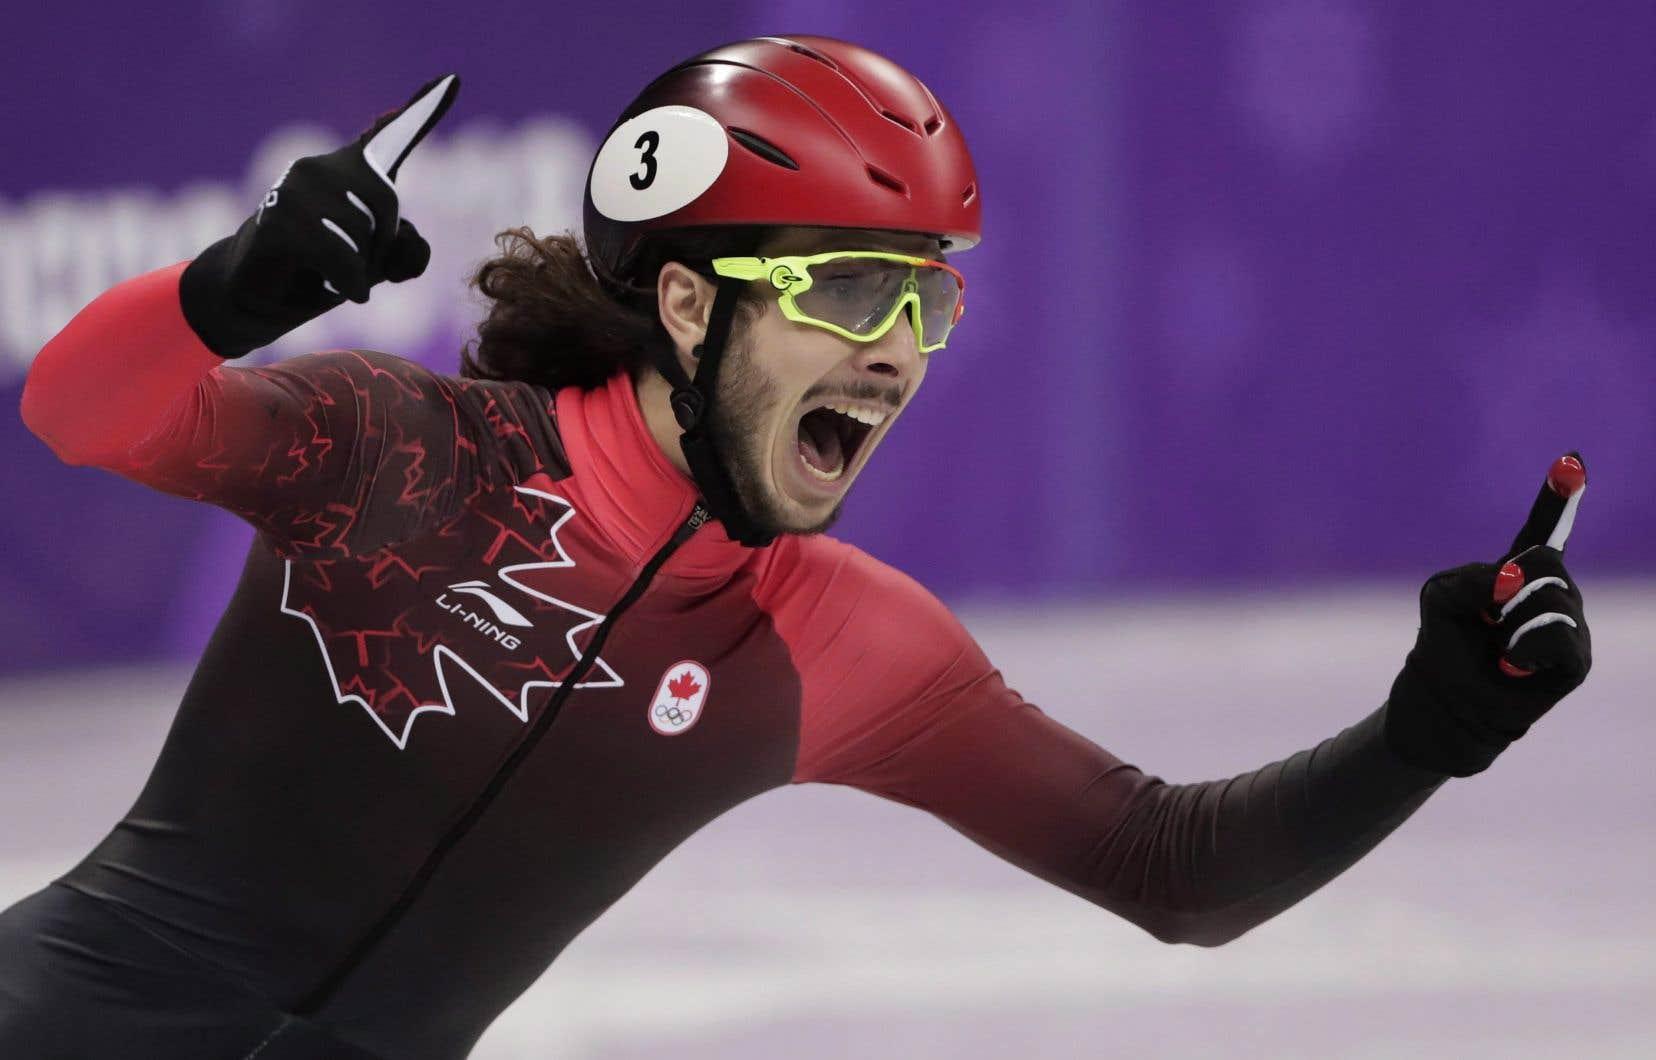 À 22ans seulement, Girard était perçu comme l'un des piliers de l'équipe canadienne. À ses premiers Jeux olympiques, à Pyeongchang, il avait remporté la première médaille d'or de l'histoire du Canada au 1000m.